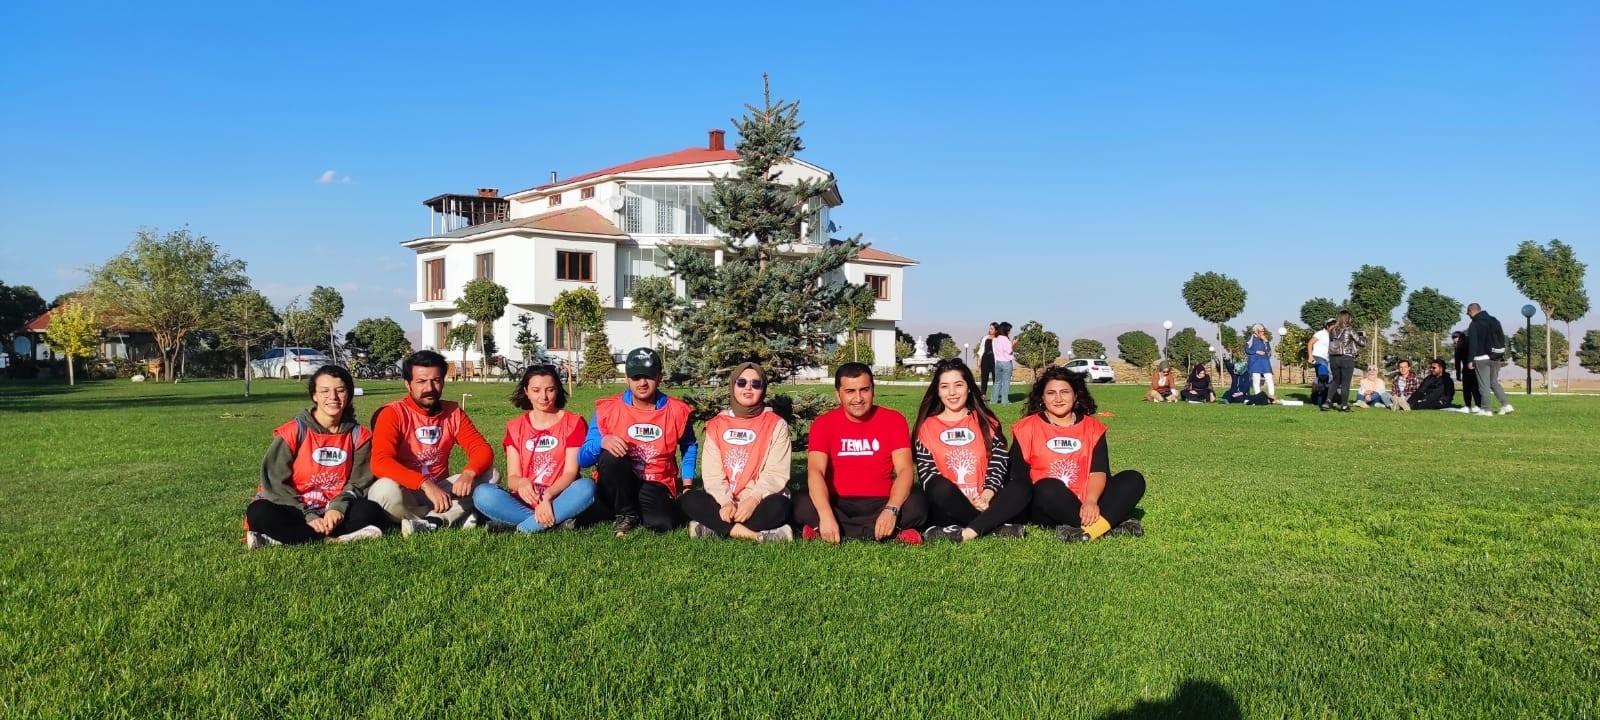 TEMA gönülleri Karlı köyünde bir araya geldi #hakkari